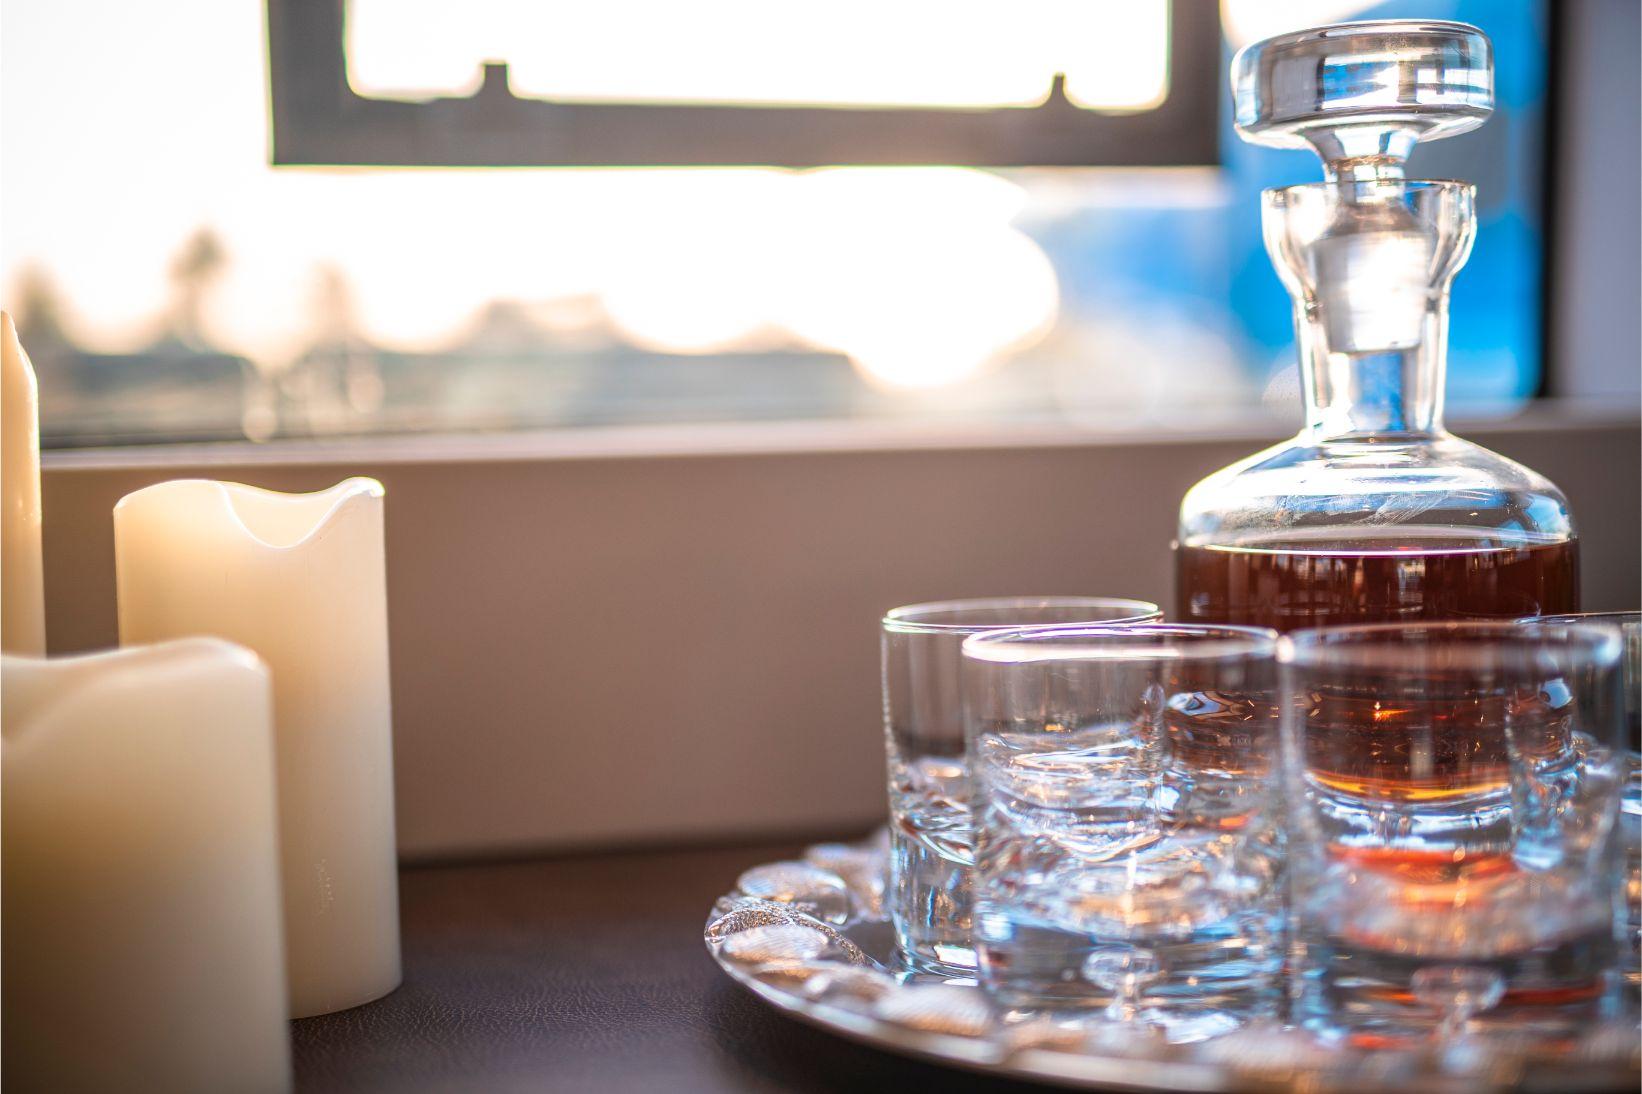 Rhum brun bahaméen dans bouteille luxueuse avec verres et plateau